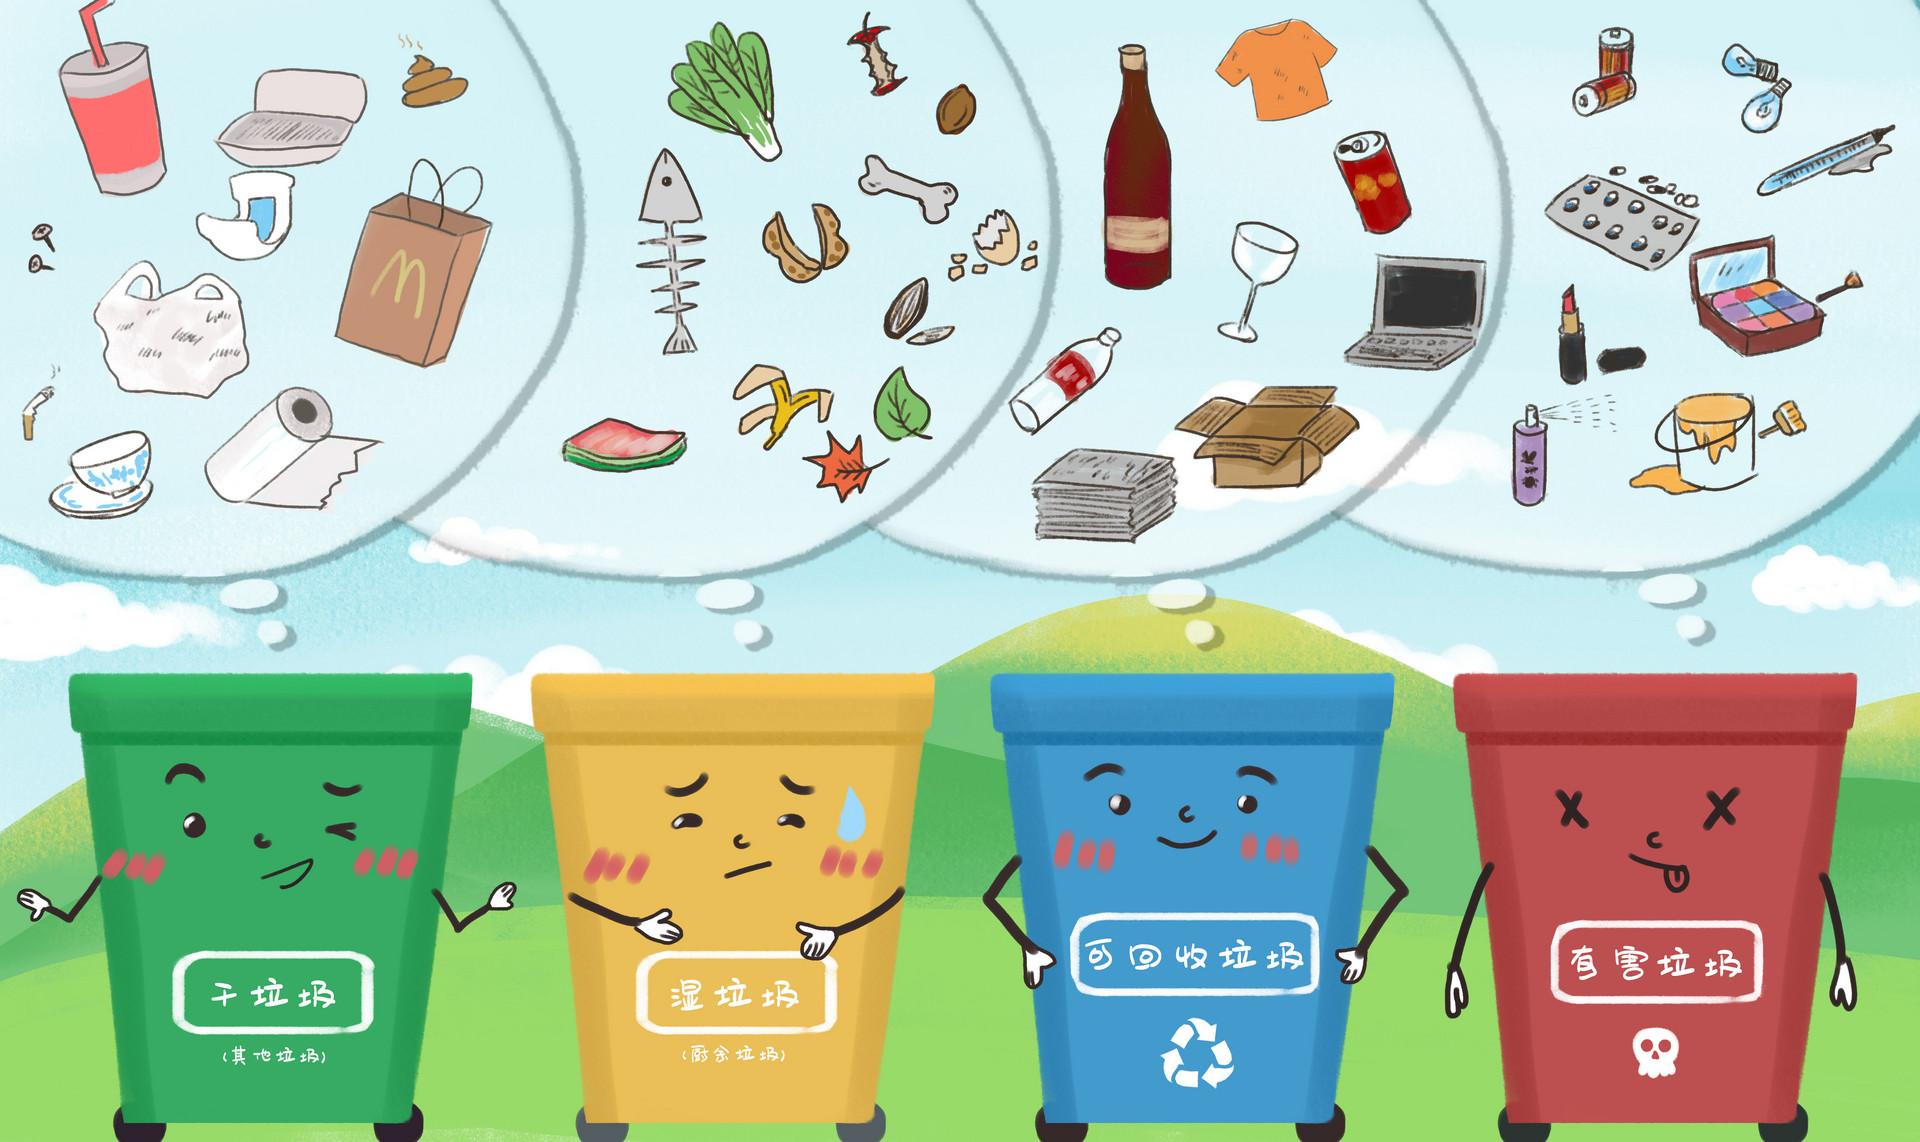 青岛人请留意,山东垃圾分类处所尺度6月1日起正式施行